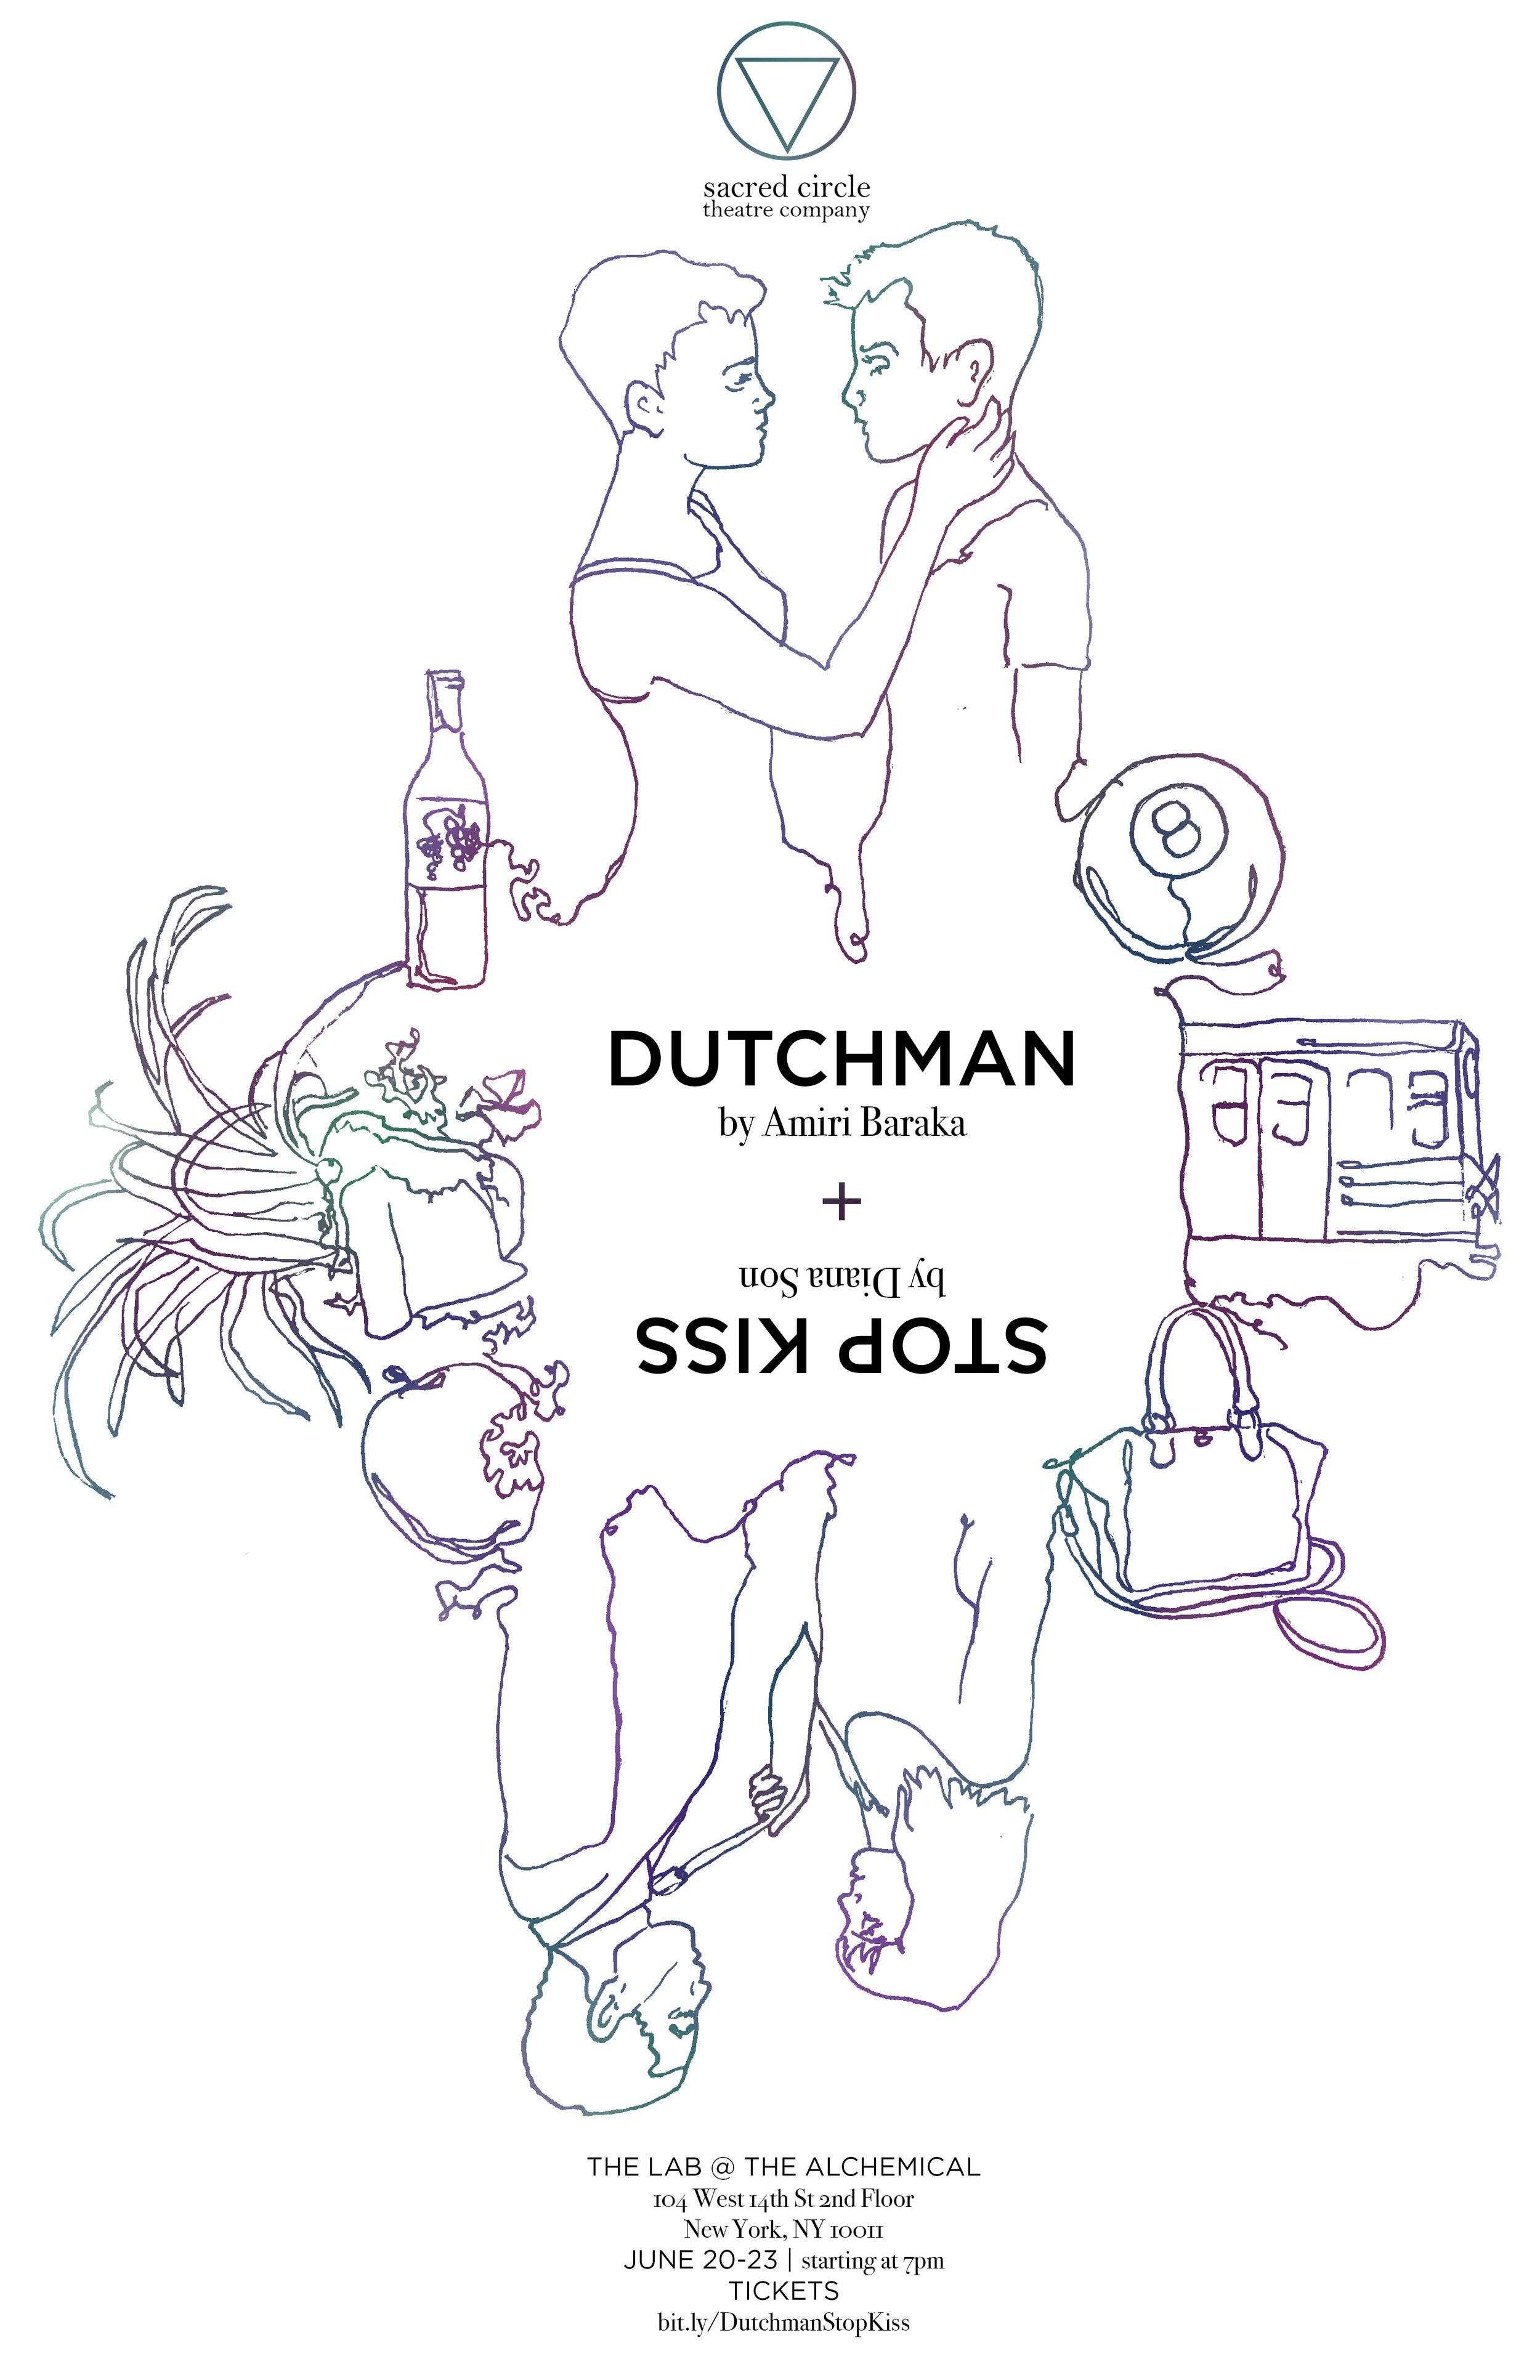 StopKiss+DutchmanPoster.jpg